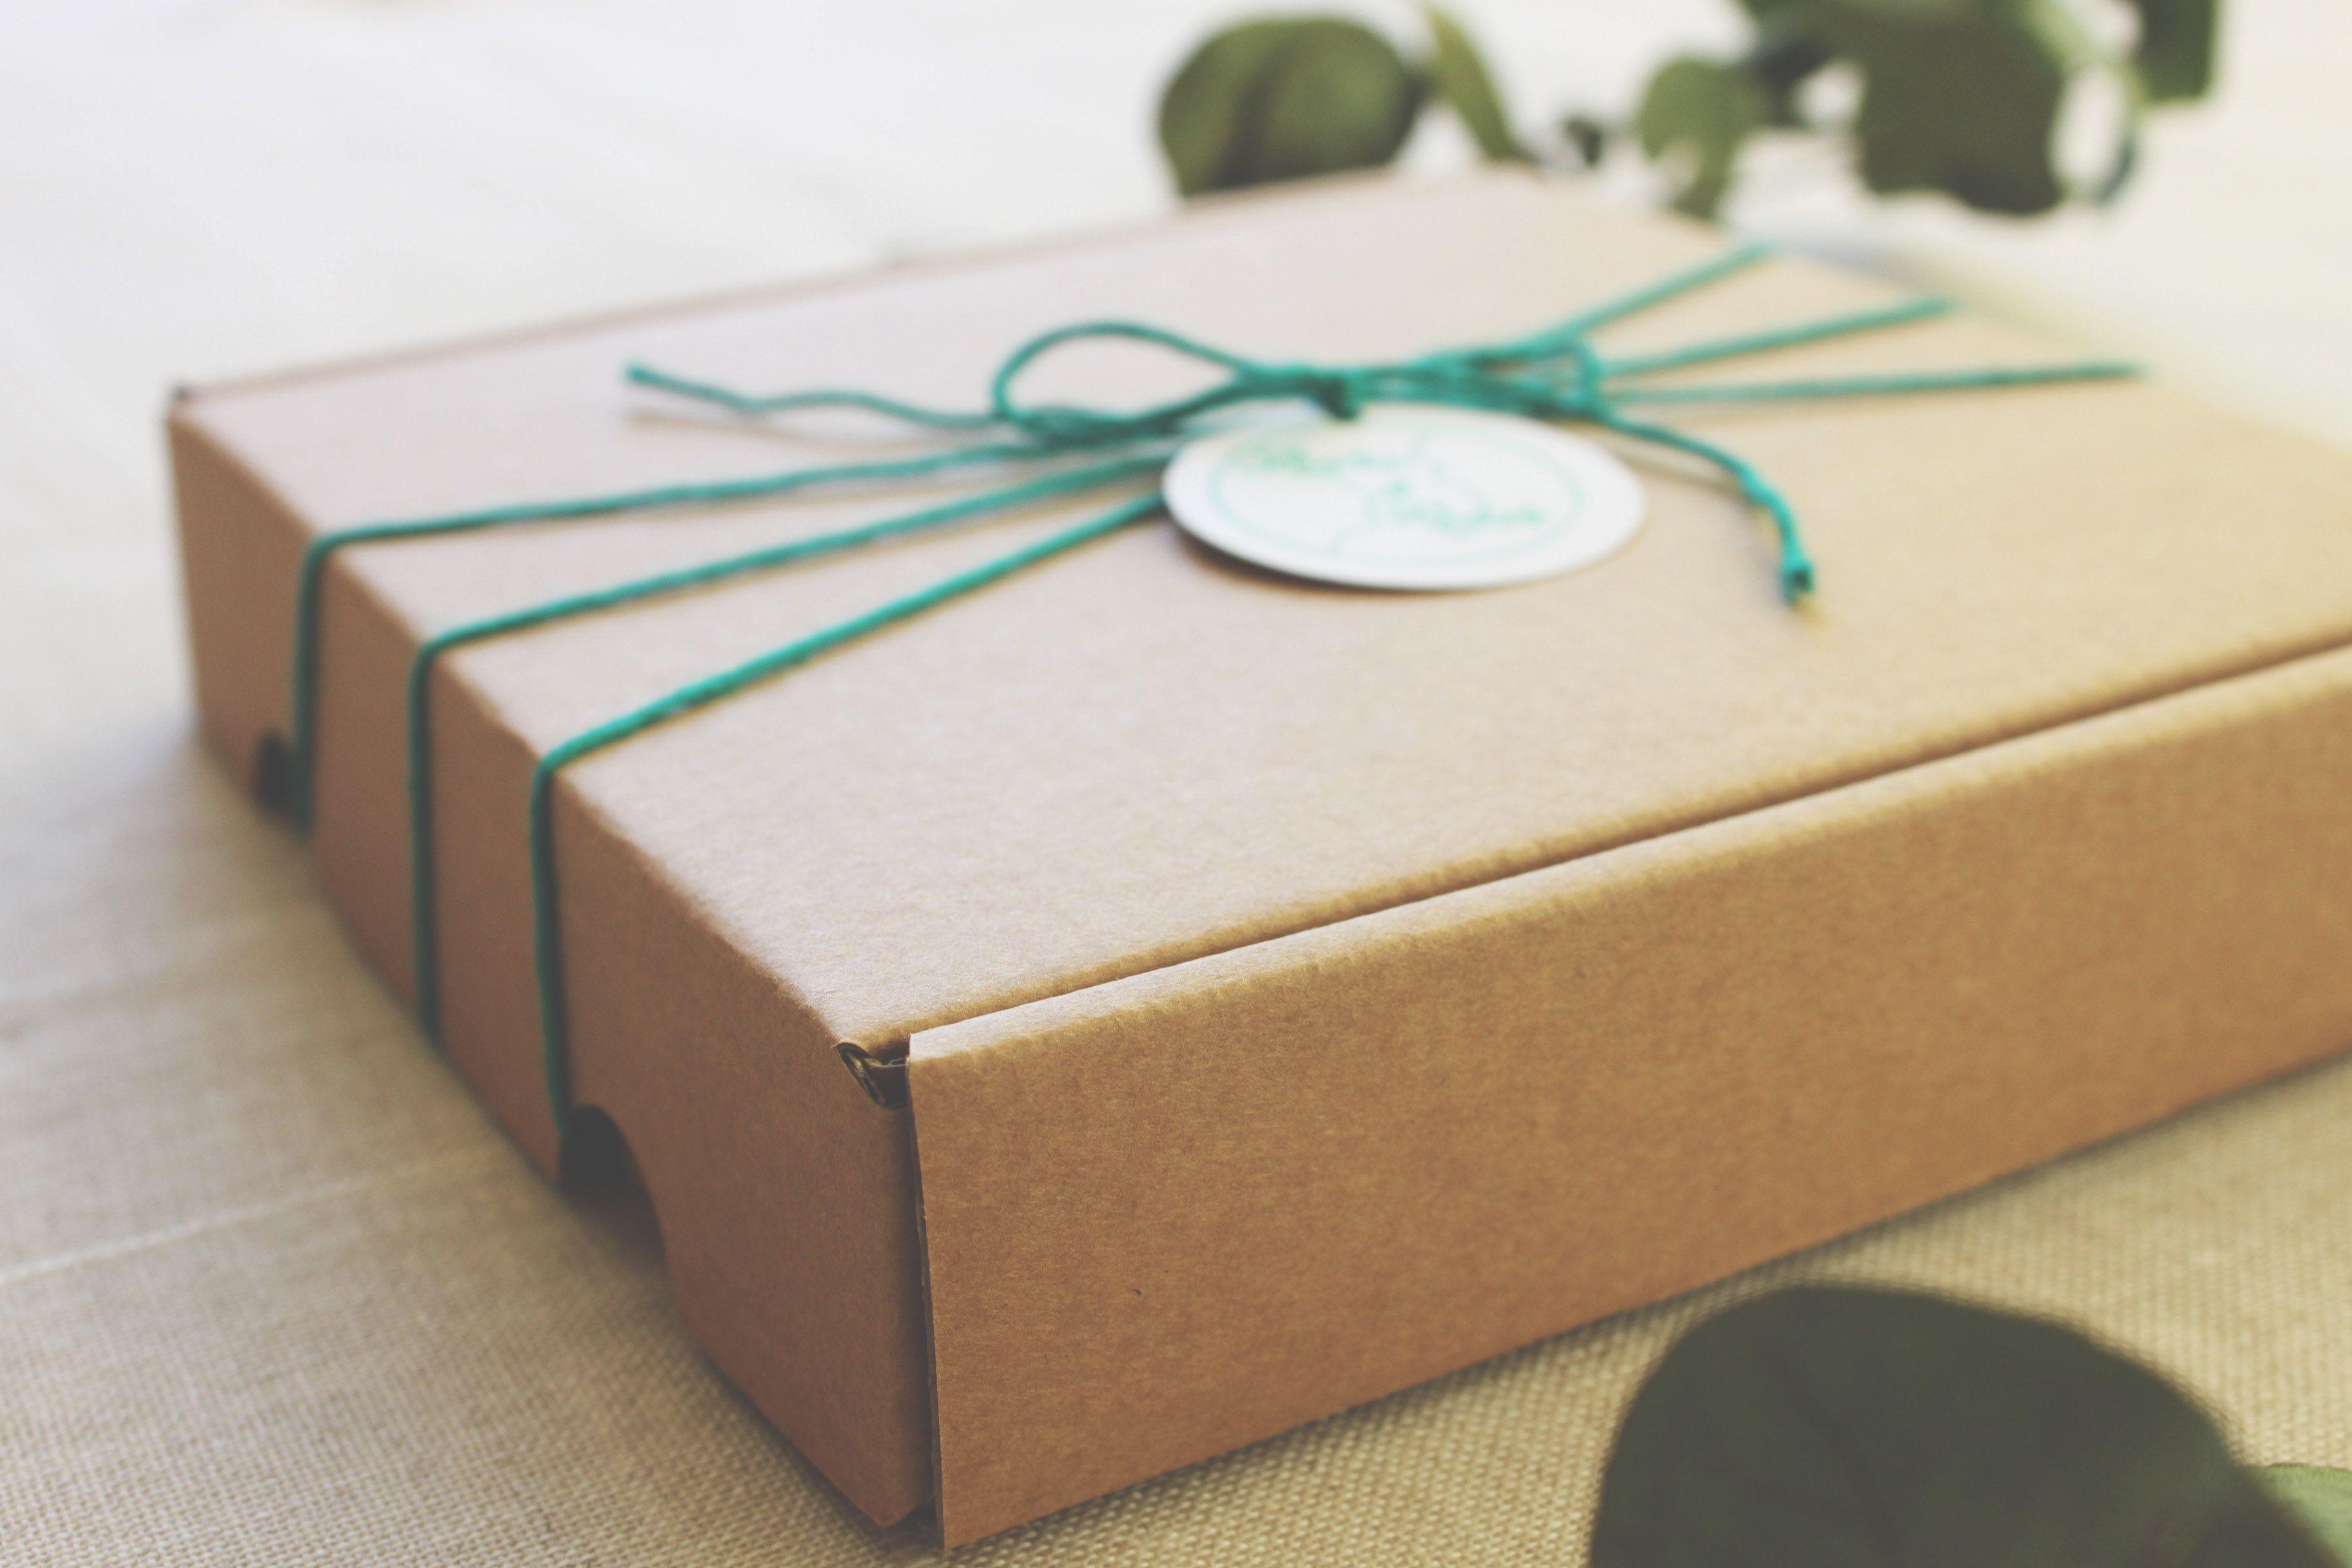 Invitaciones que diseñamos para la boda de Laura & Rober con cajita Kraft. [Si quieres que diseñemos las tuyas, escríbenos a info@ivmestudio.com]